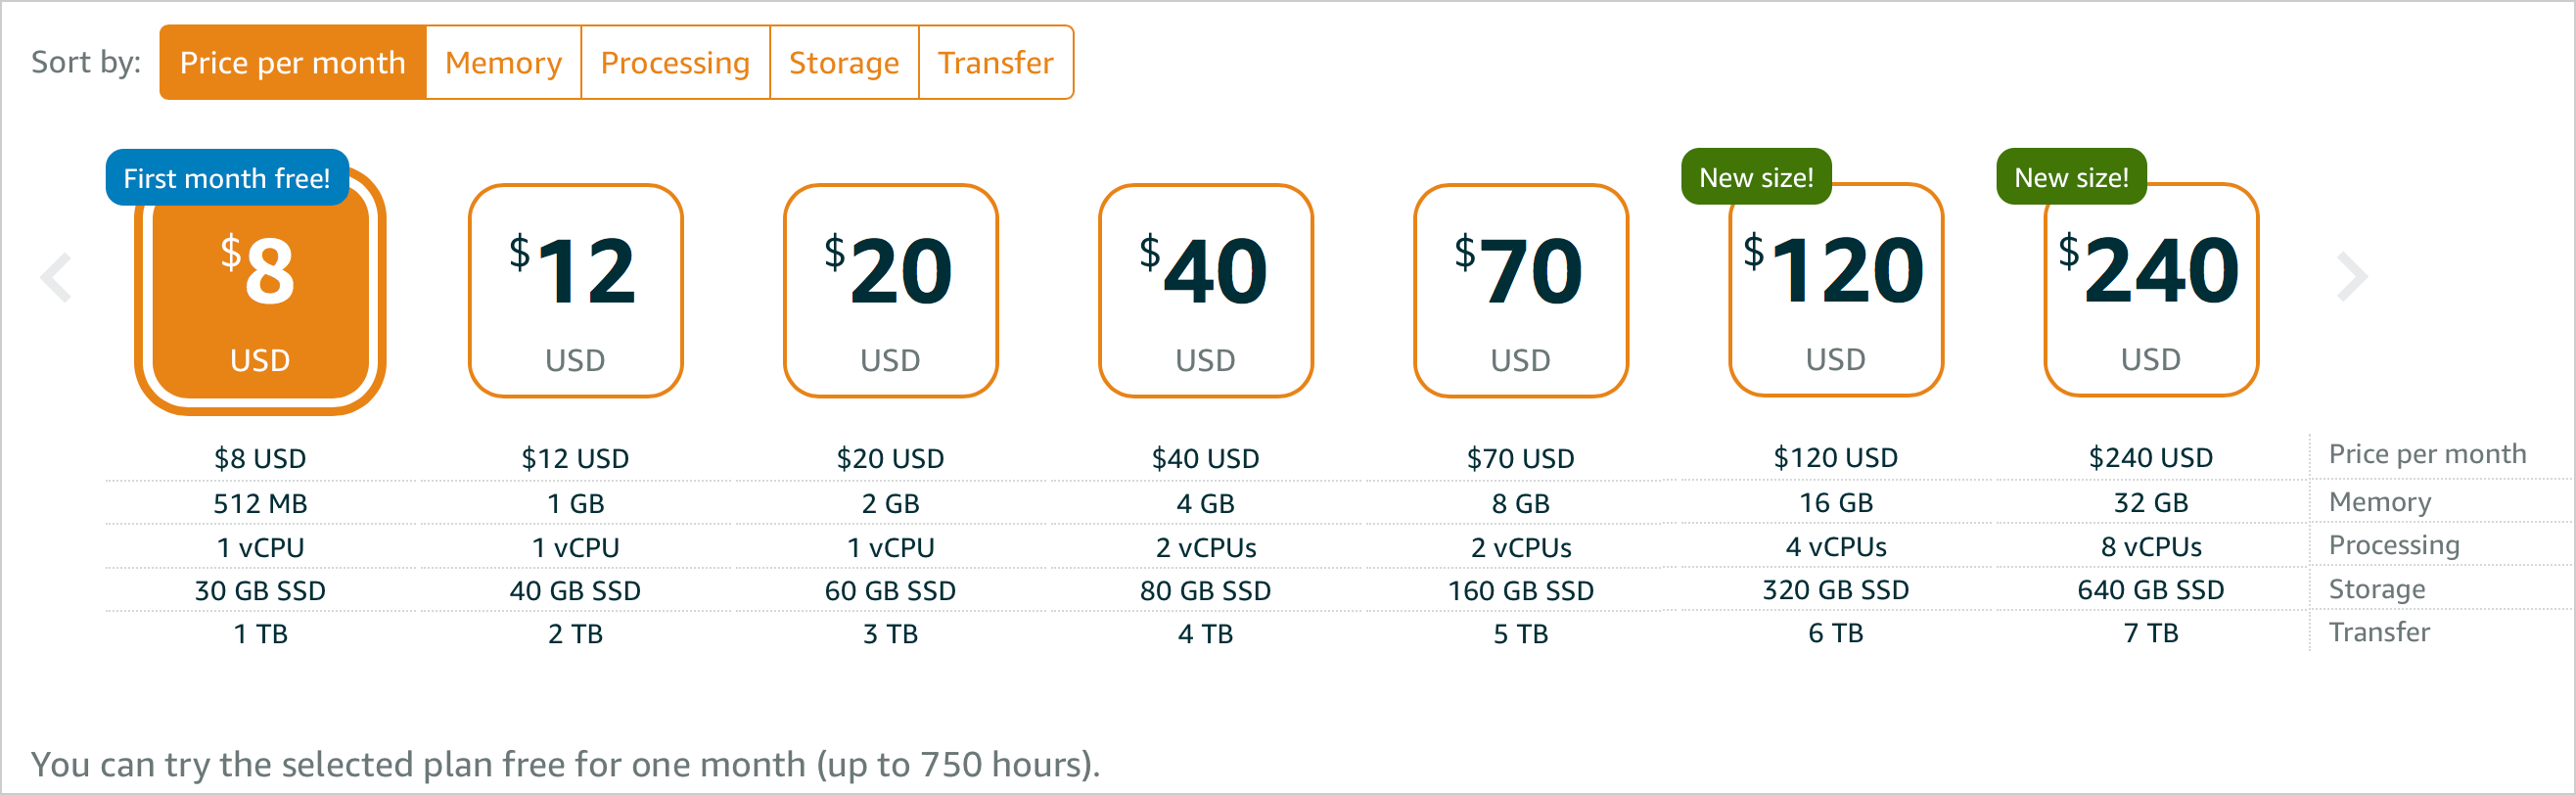 아마존 라이트세일 2018년 8월 새로운 요금표 (윈도우서버)